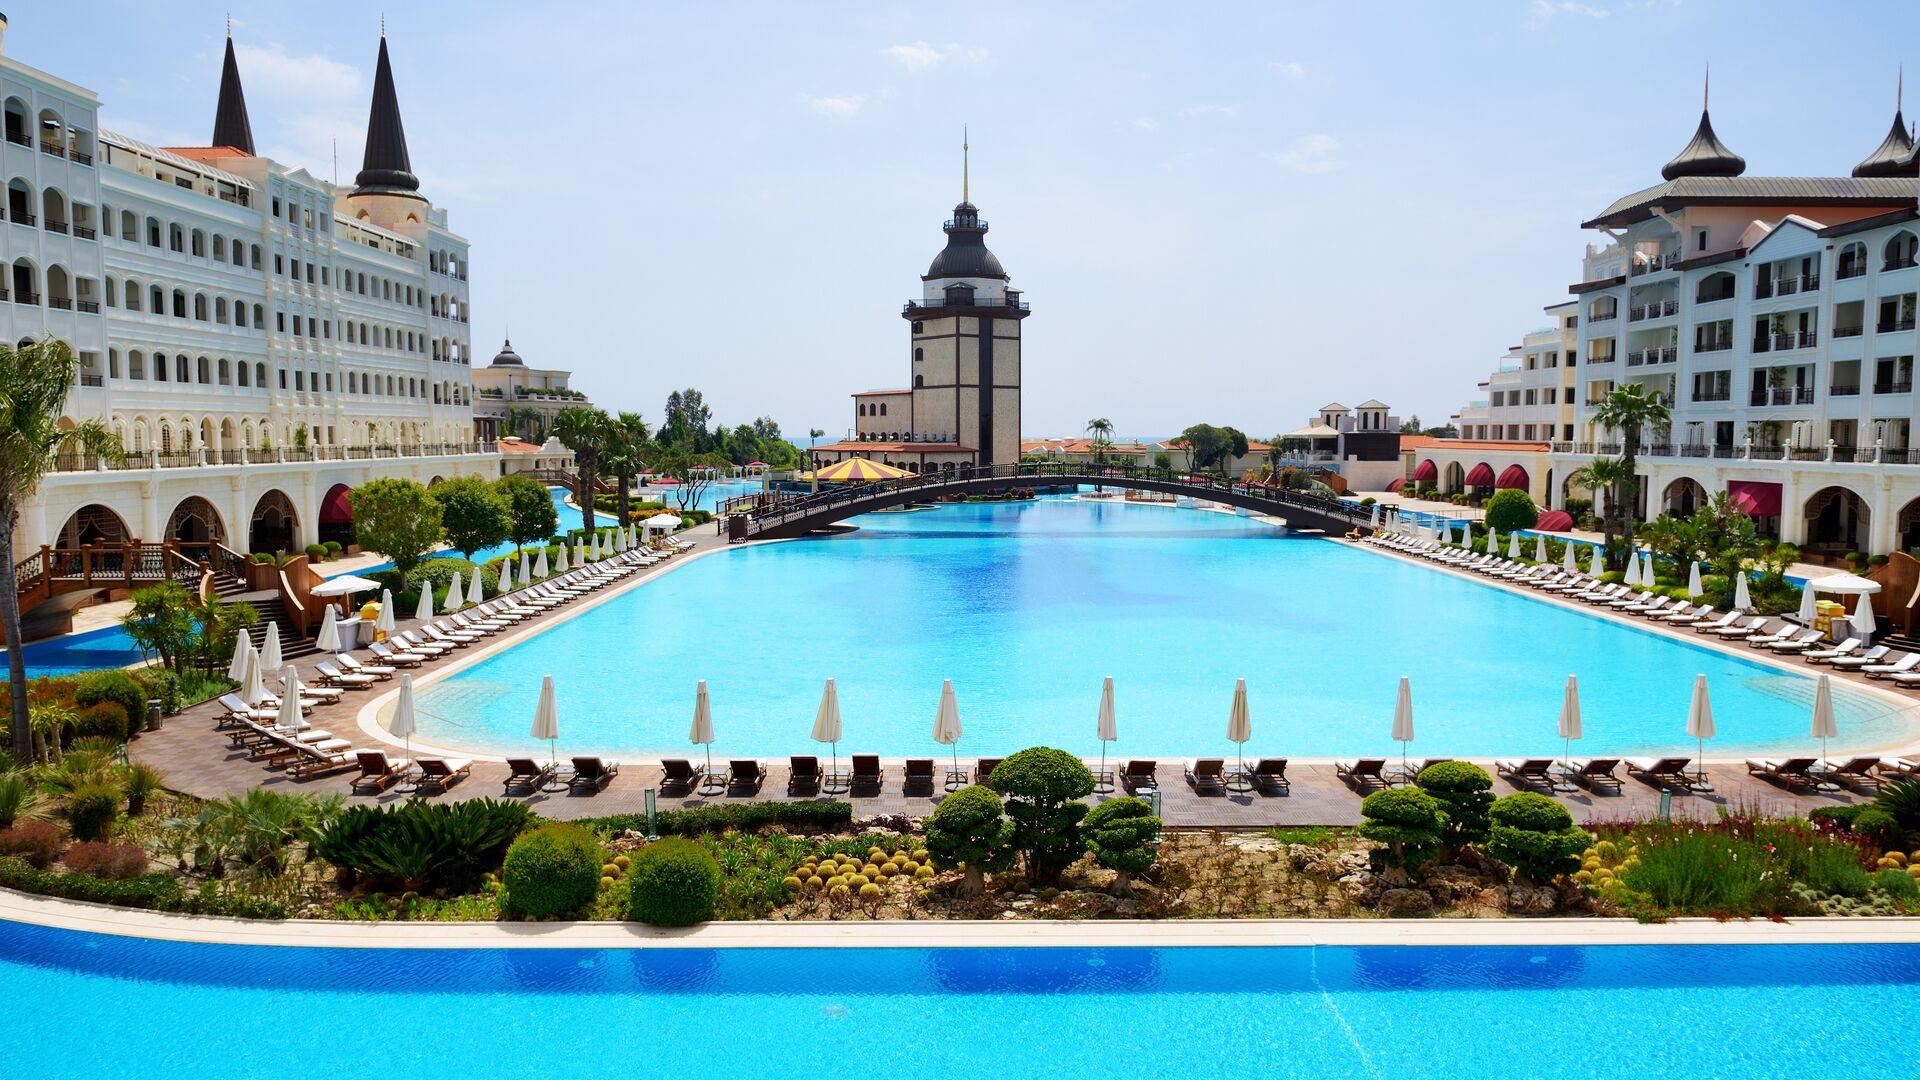 Отель Mardan Palace в Анталье, Турция - РИА Новости, 1920, 21.06.2021